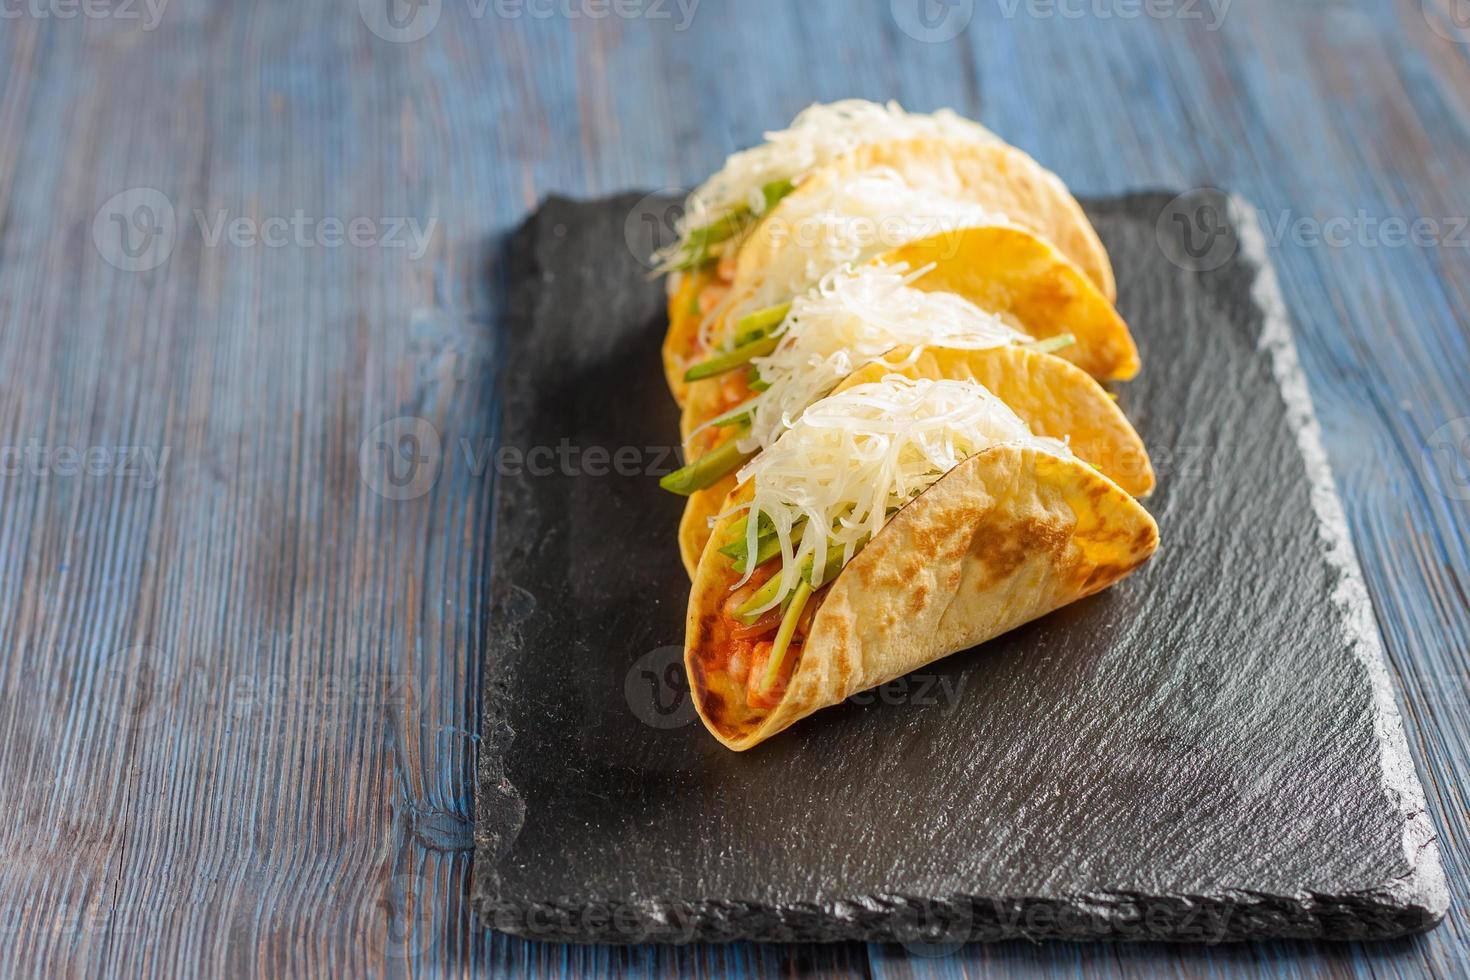 mexikanische Tacos mit Fleisch, Bohnen, Avocado, Käse und Tomatensauce foto